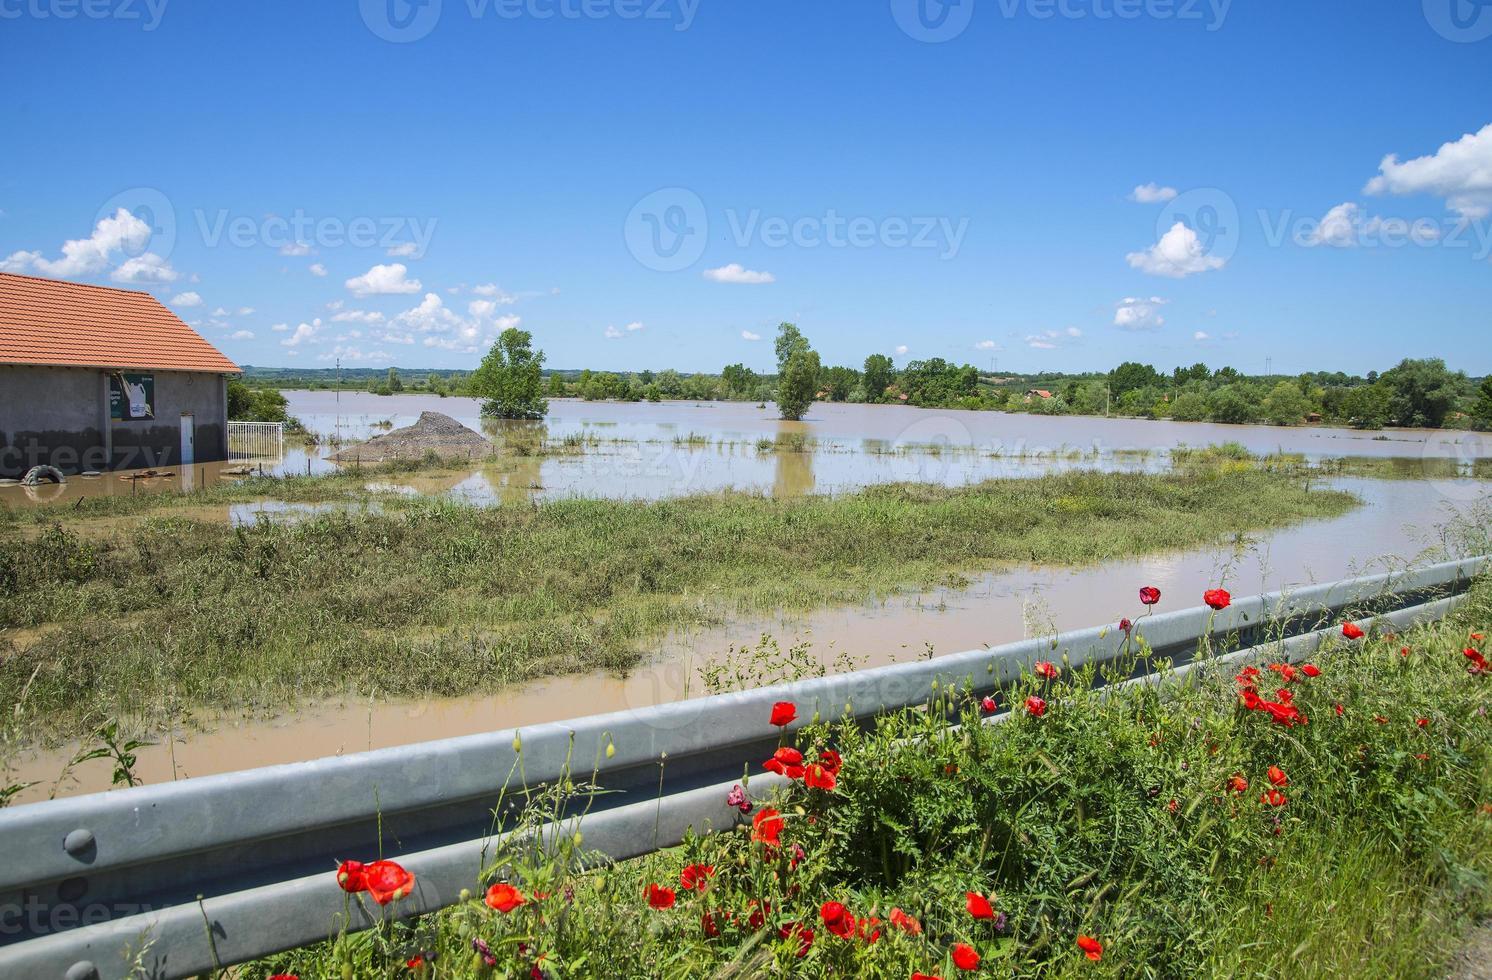 gran inundación que incluyó casas, campos y caminos foto